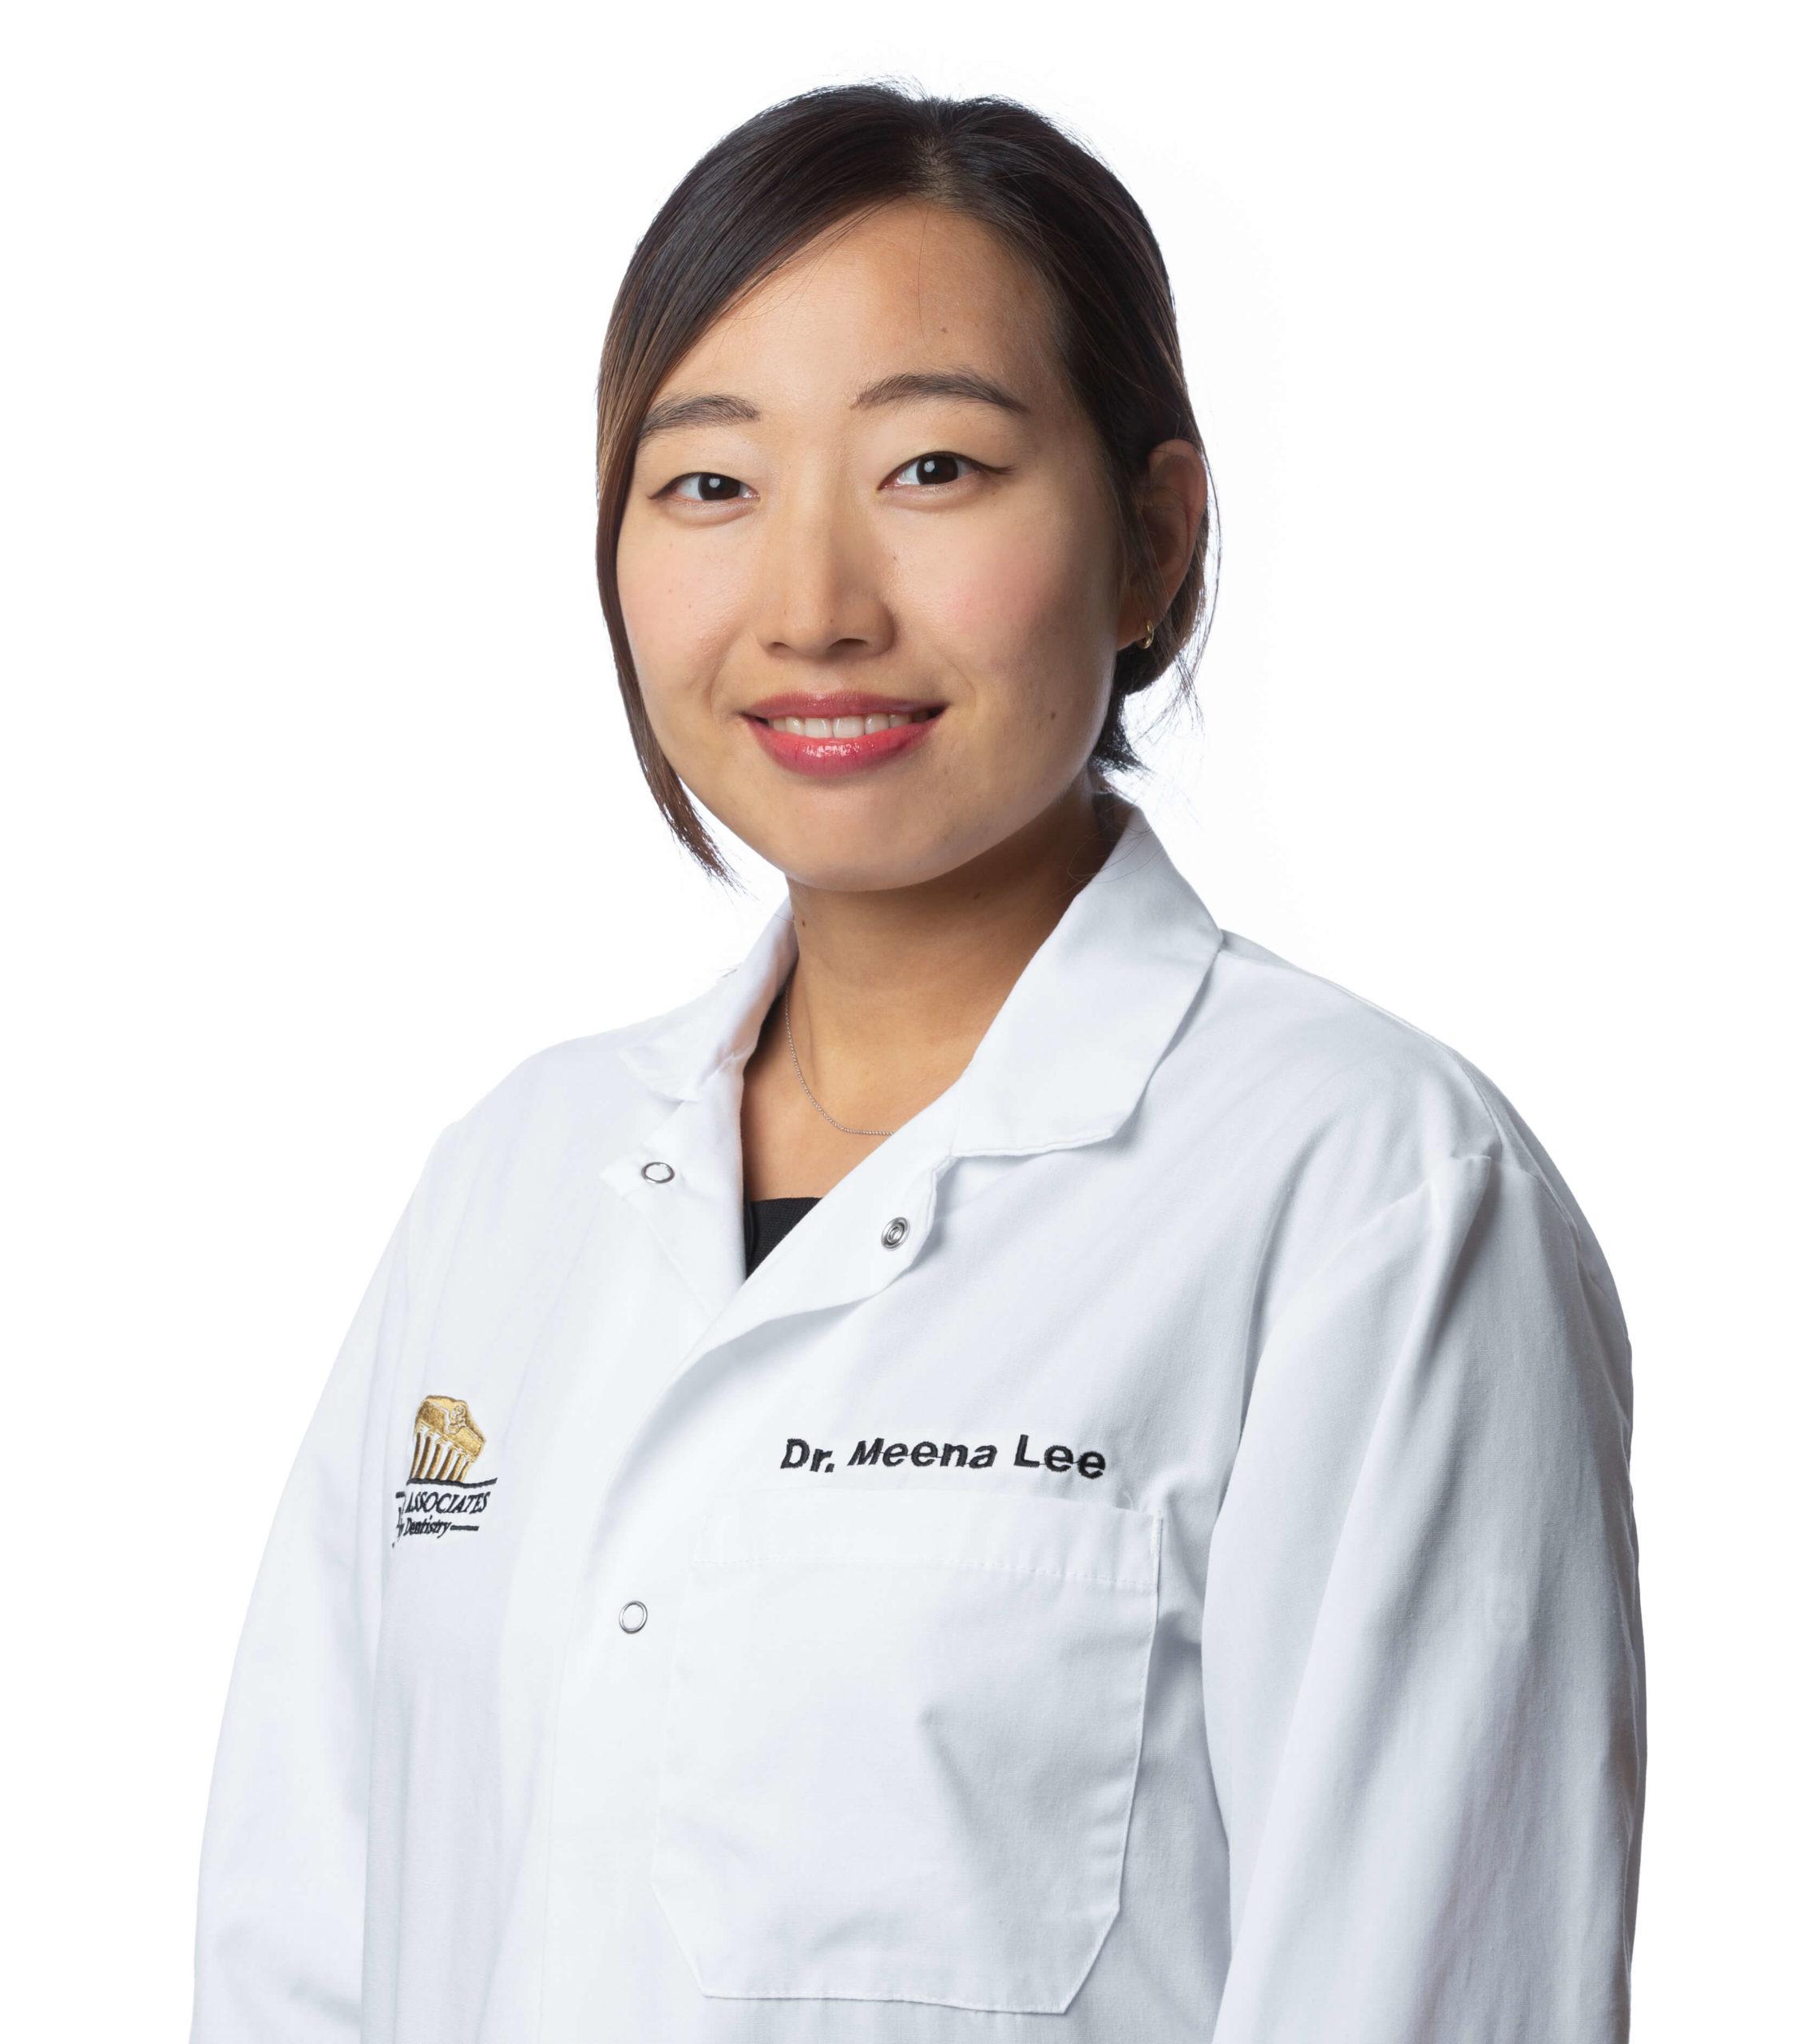 Dr. Meena Lee Headshot